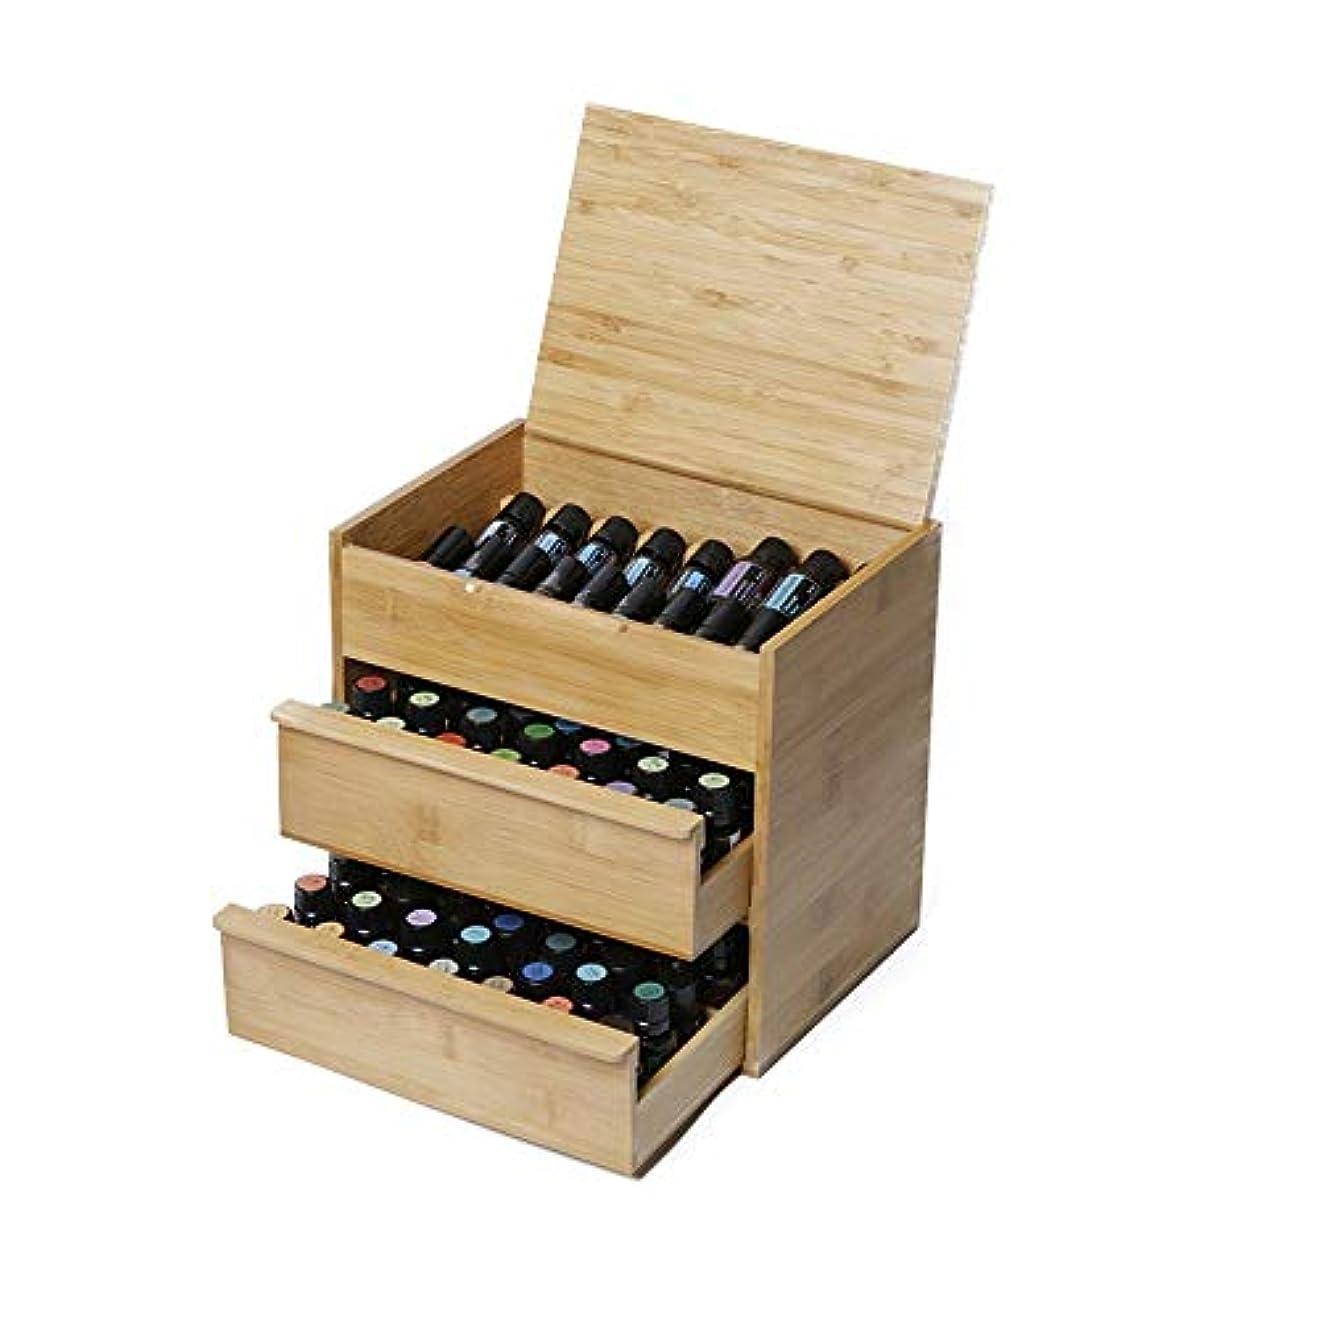 厚い貼り直す医薬精油ケース 88スロット木エッセンシャルオイルボックス3ティアボード内部リムーバブルは15/10/5 M1のボトル天然竹を開催します 携帯便利 (色 : Natural, サイズ : 26.5X24.5X19CM)